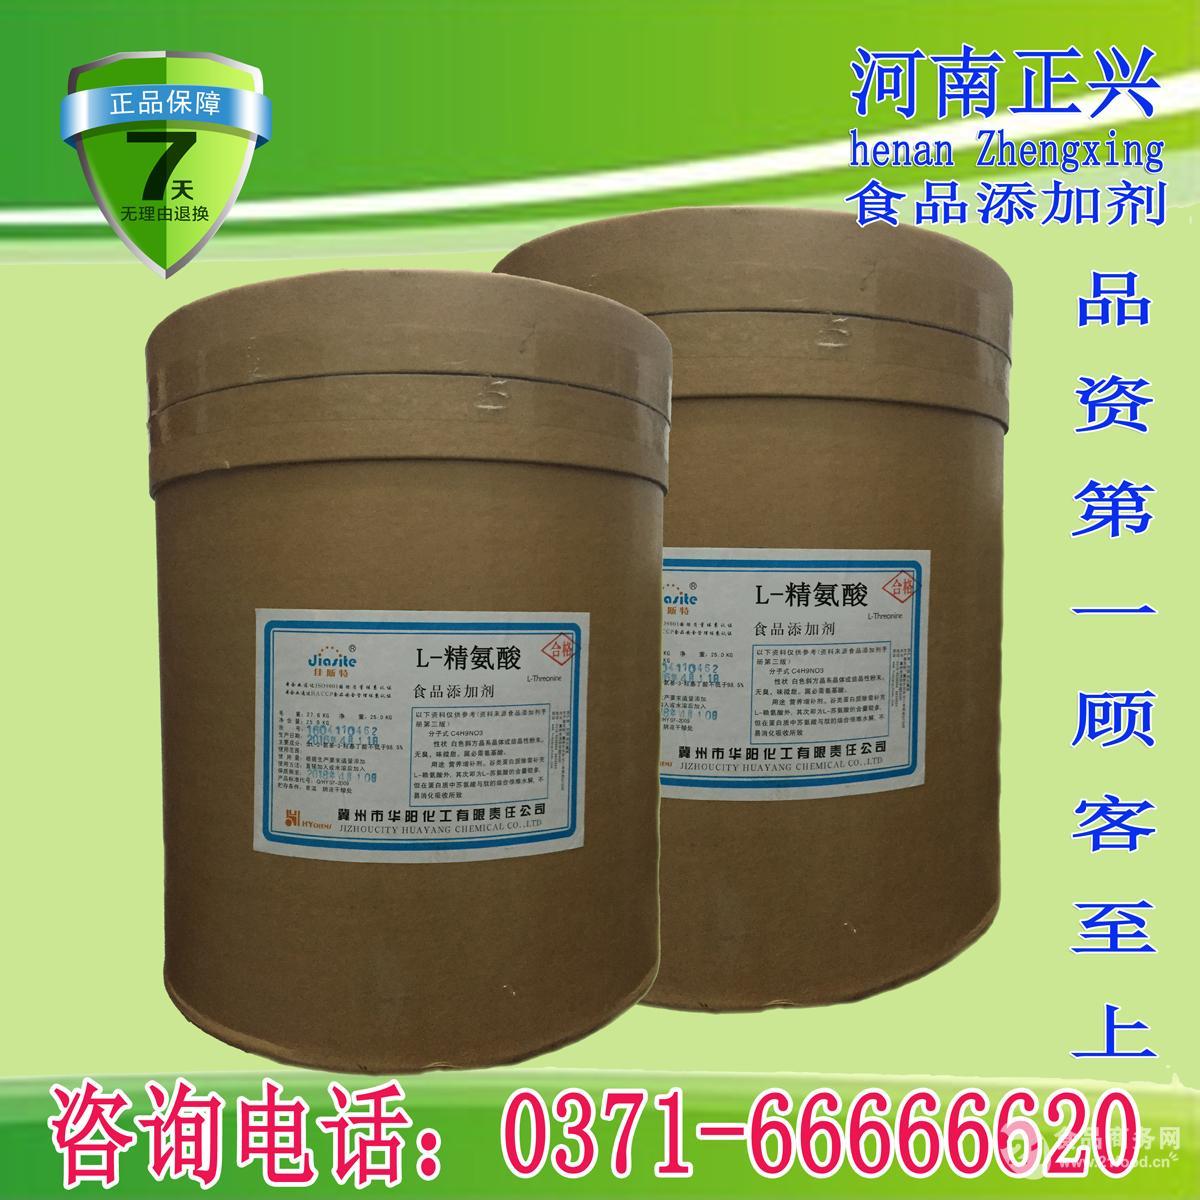 专业供应 食品级 L-精氨酸 99% 质量* 售后无忧